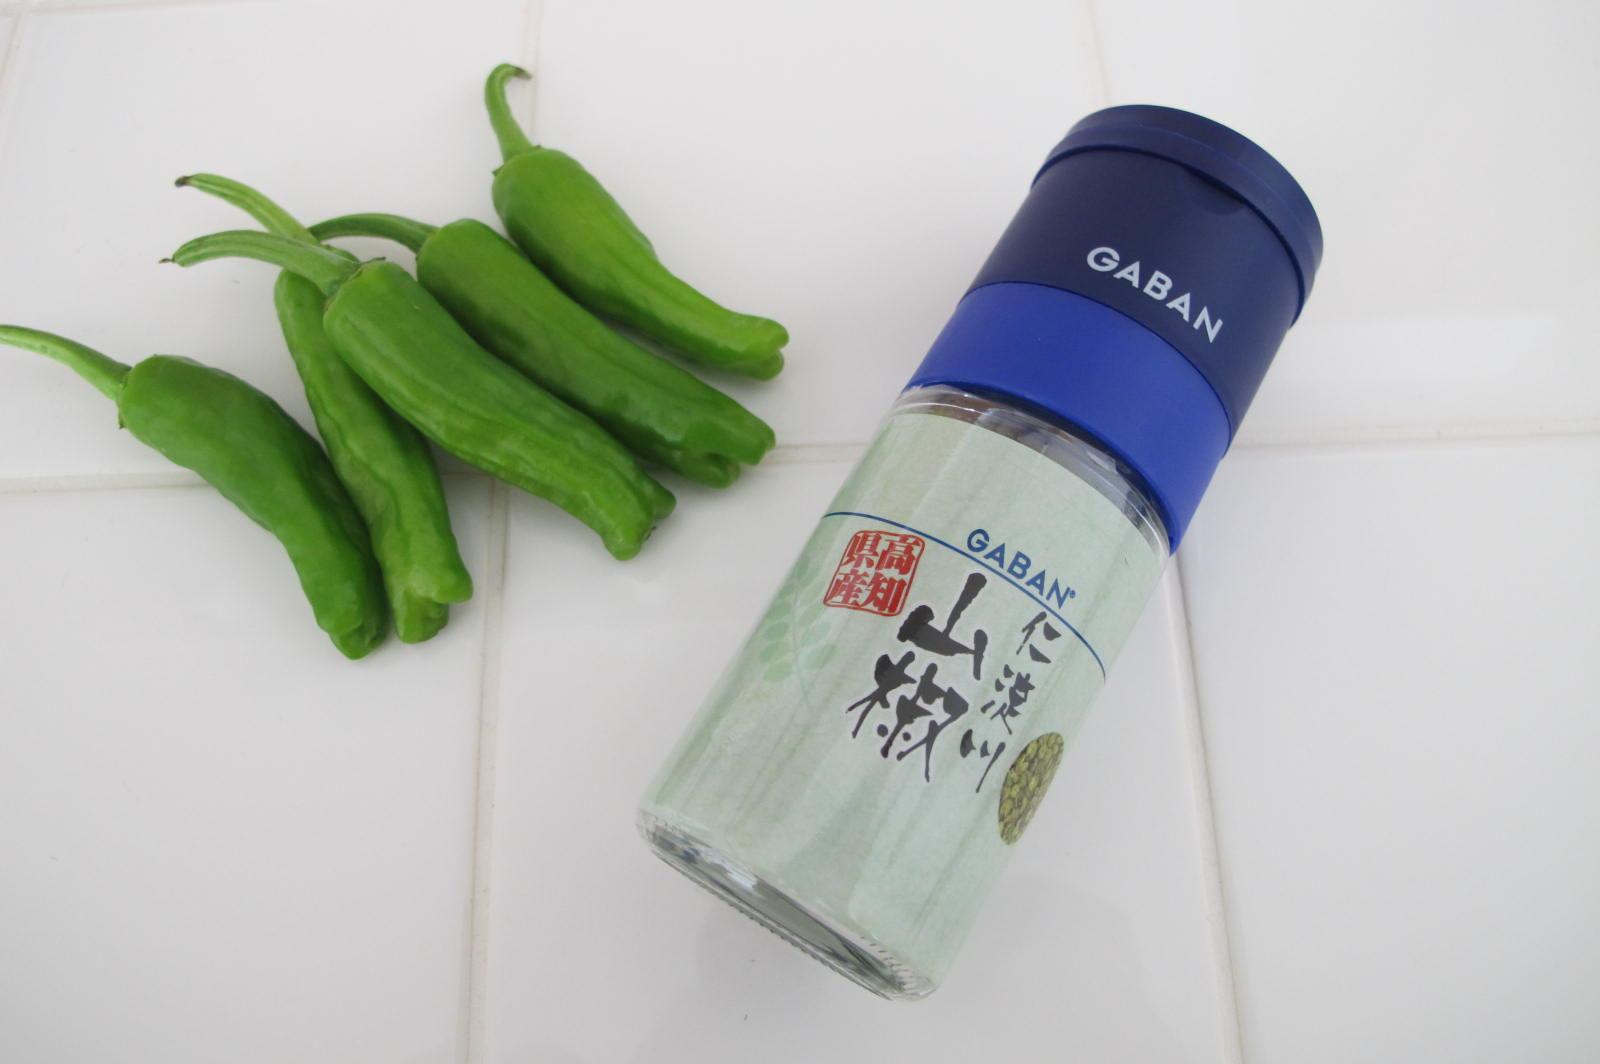 GABAN グルメミル 高知県産・仁淀川山椒入り